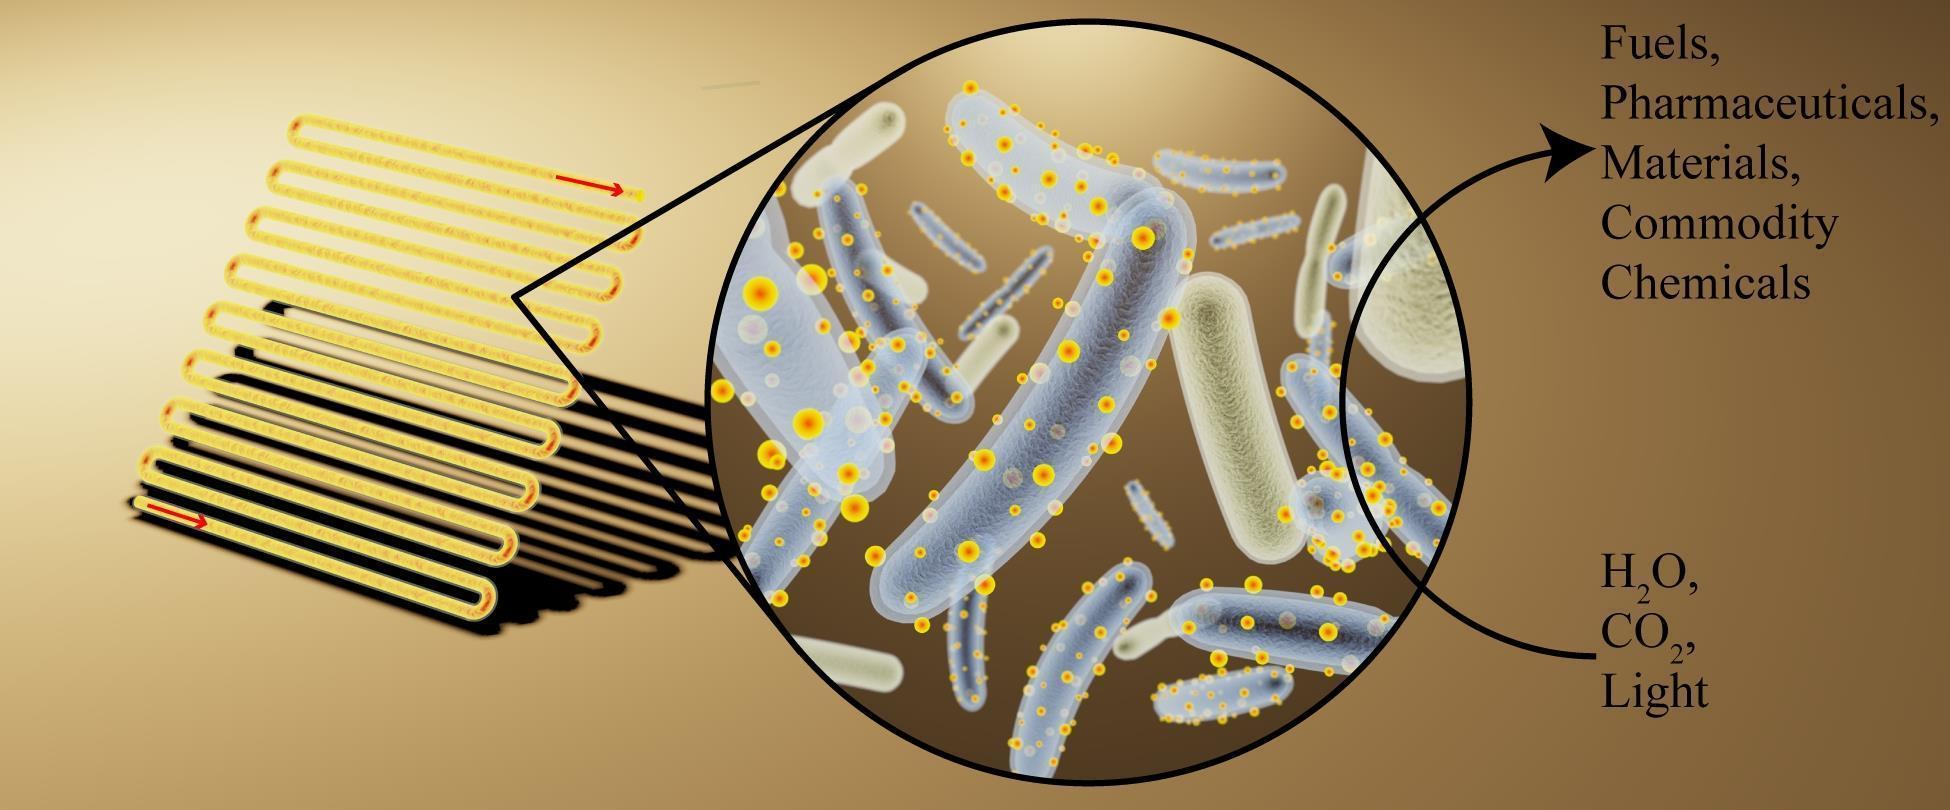 Бактерии-киборги изменят будущее альтернативной энергетики и не только